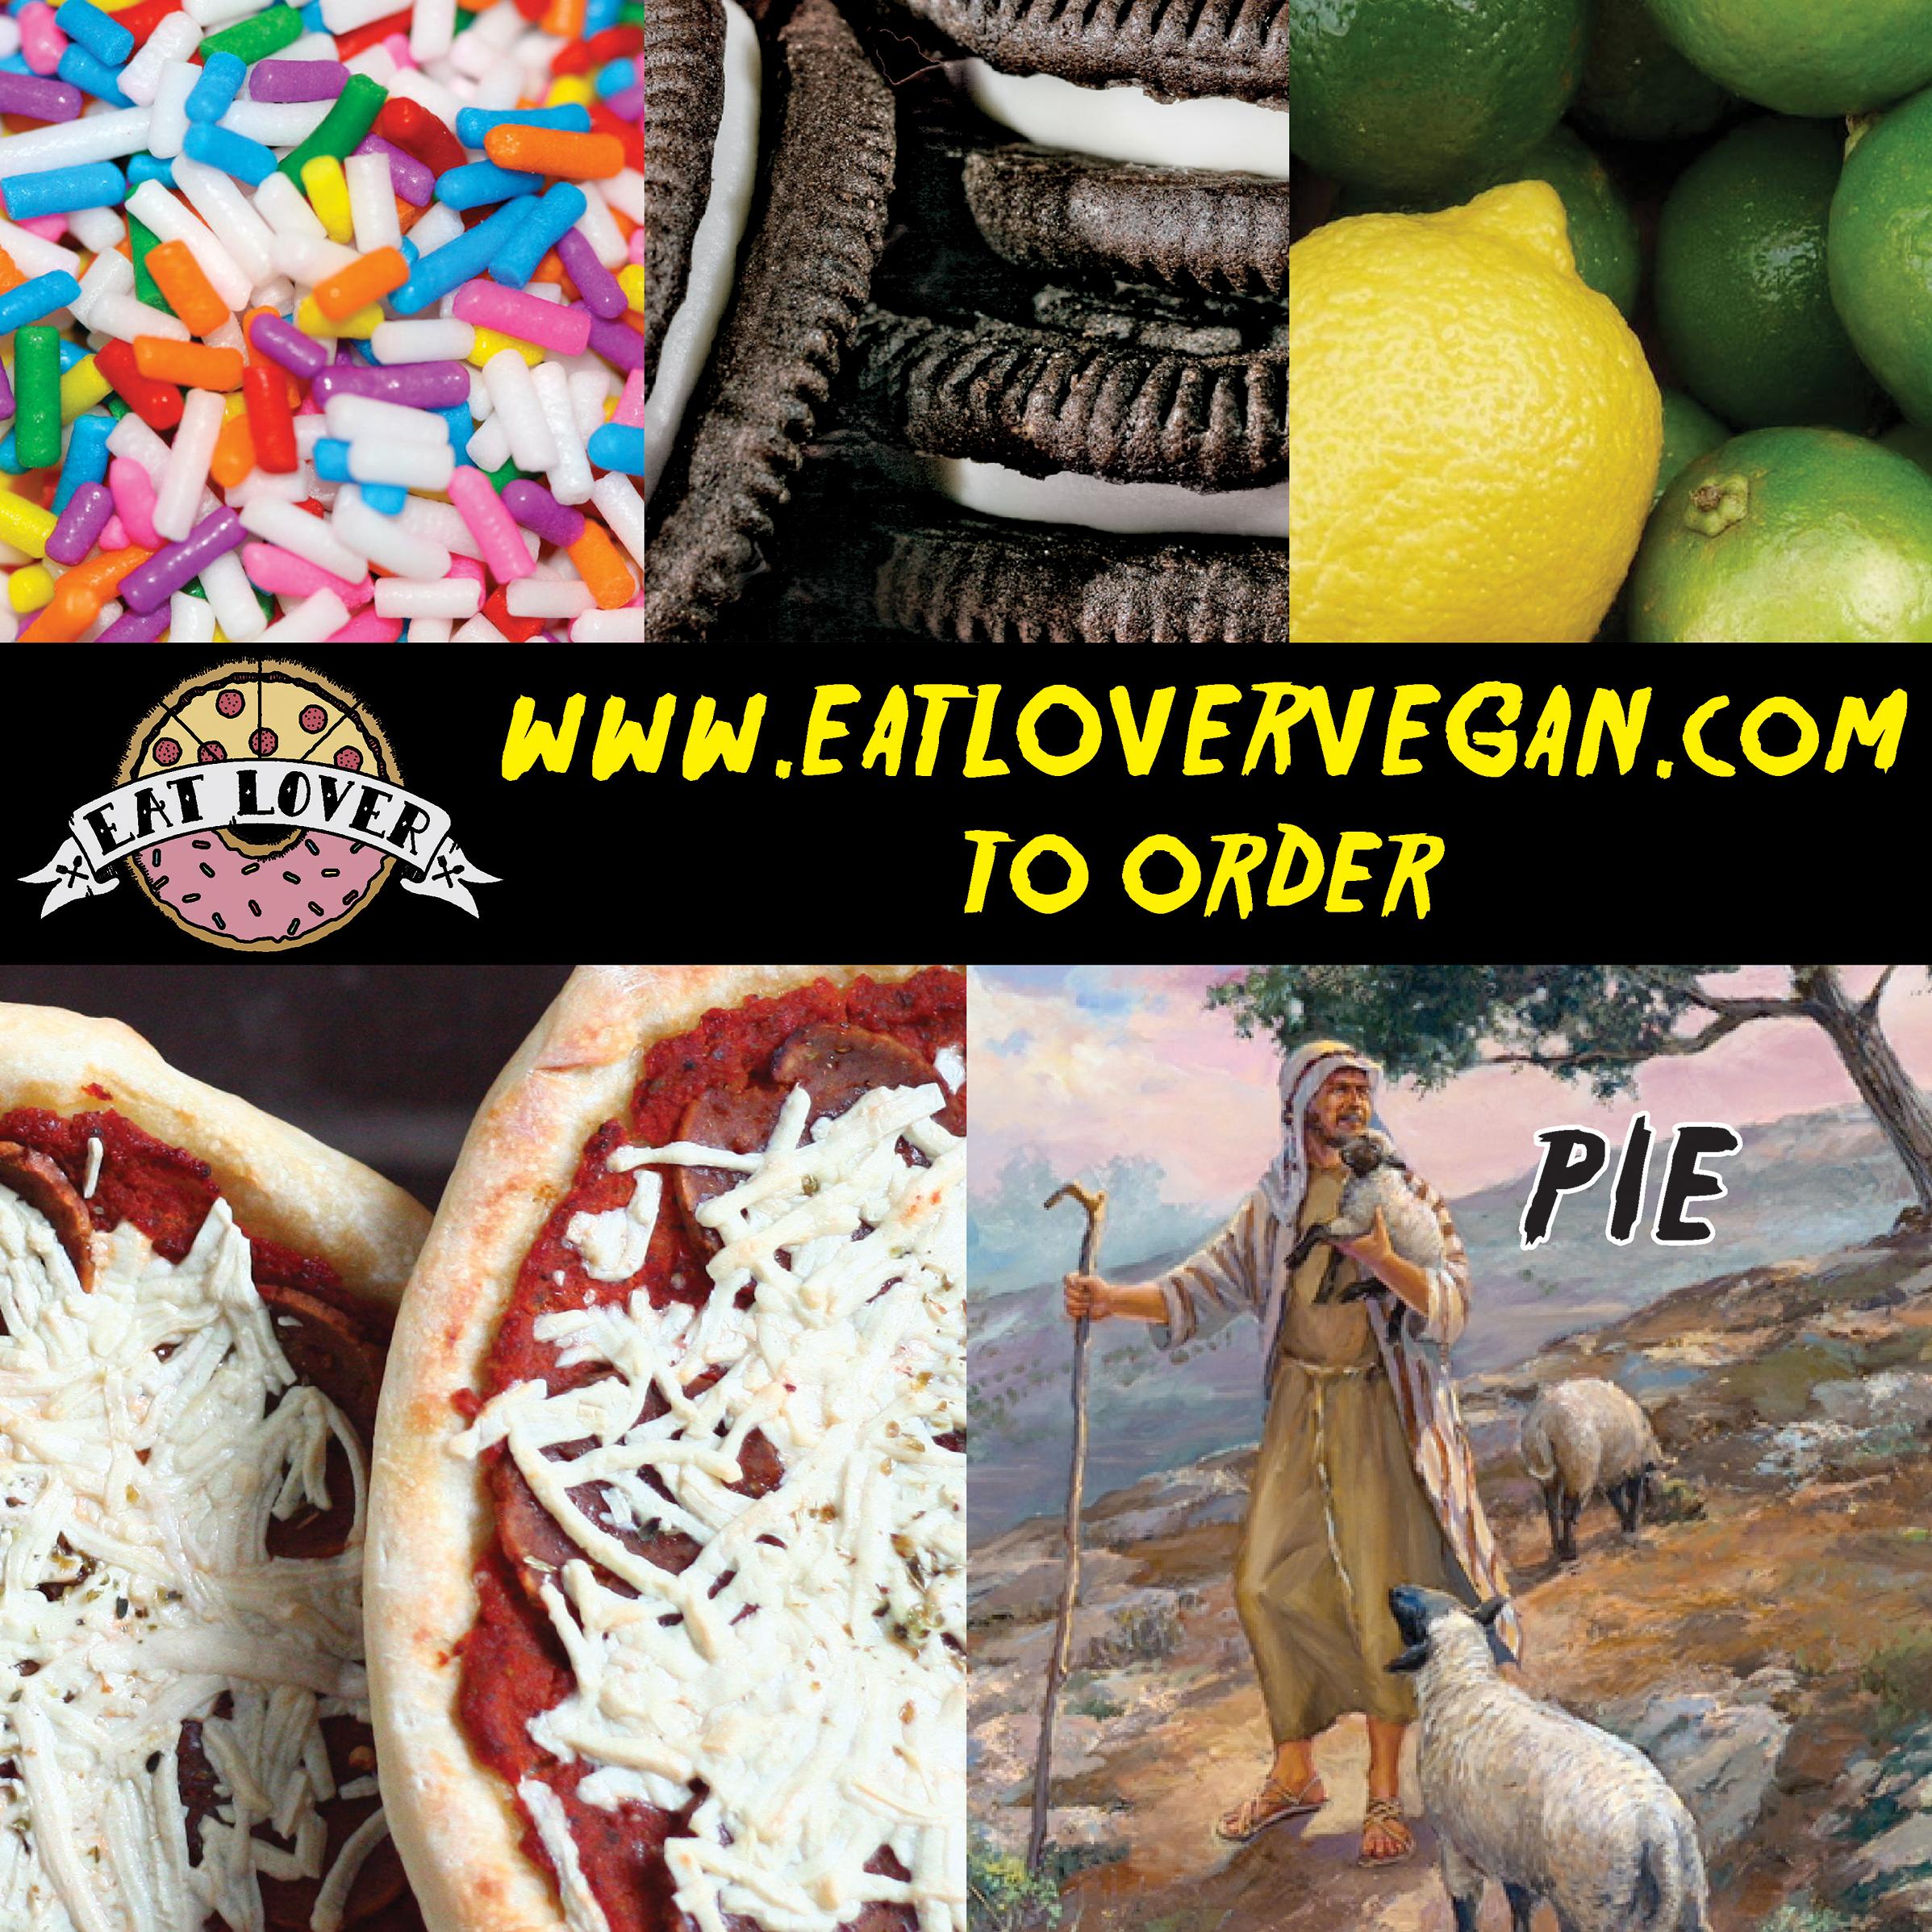 eat lover - shepherds pie ad.jpg